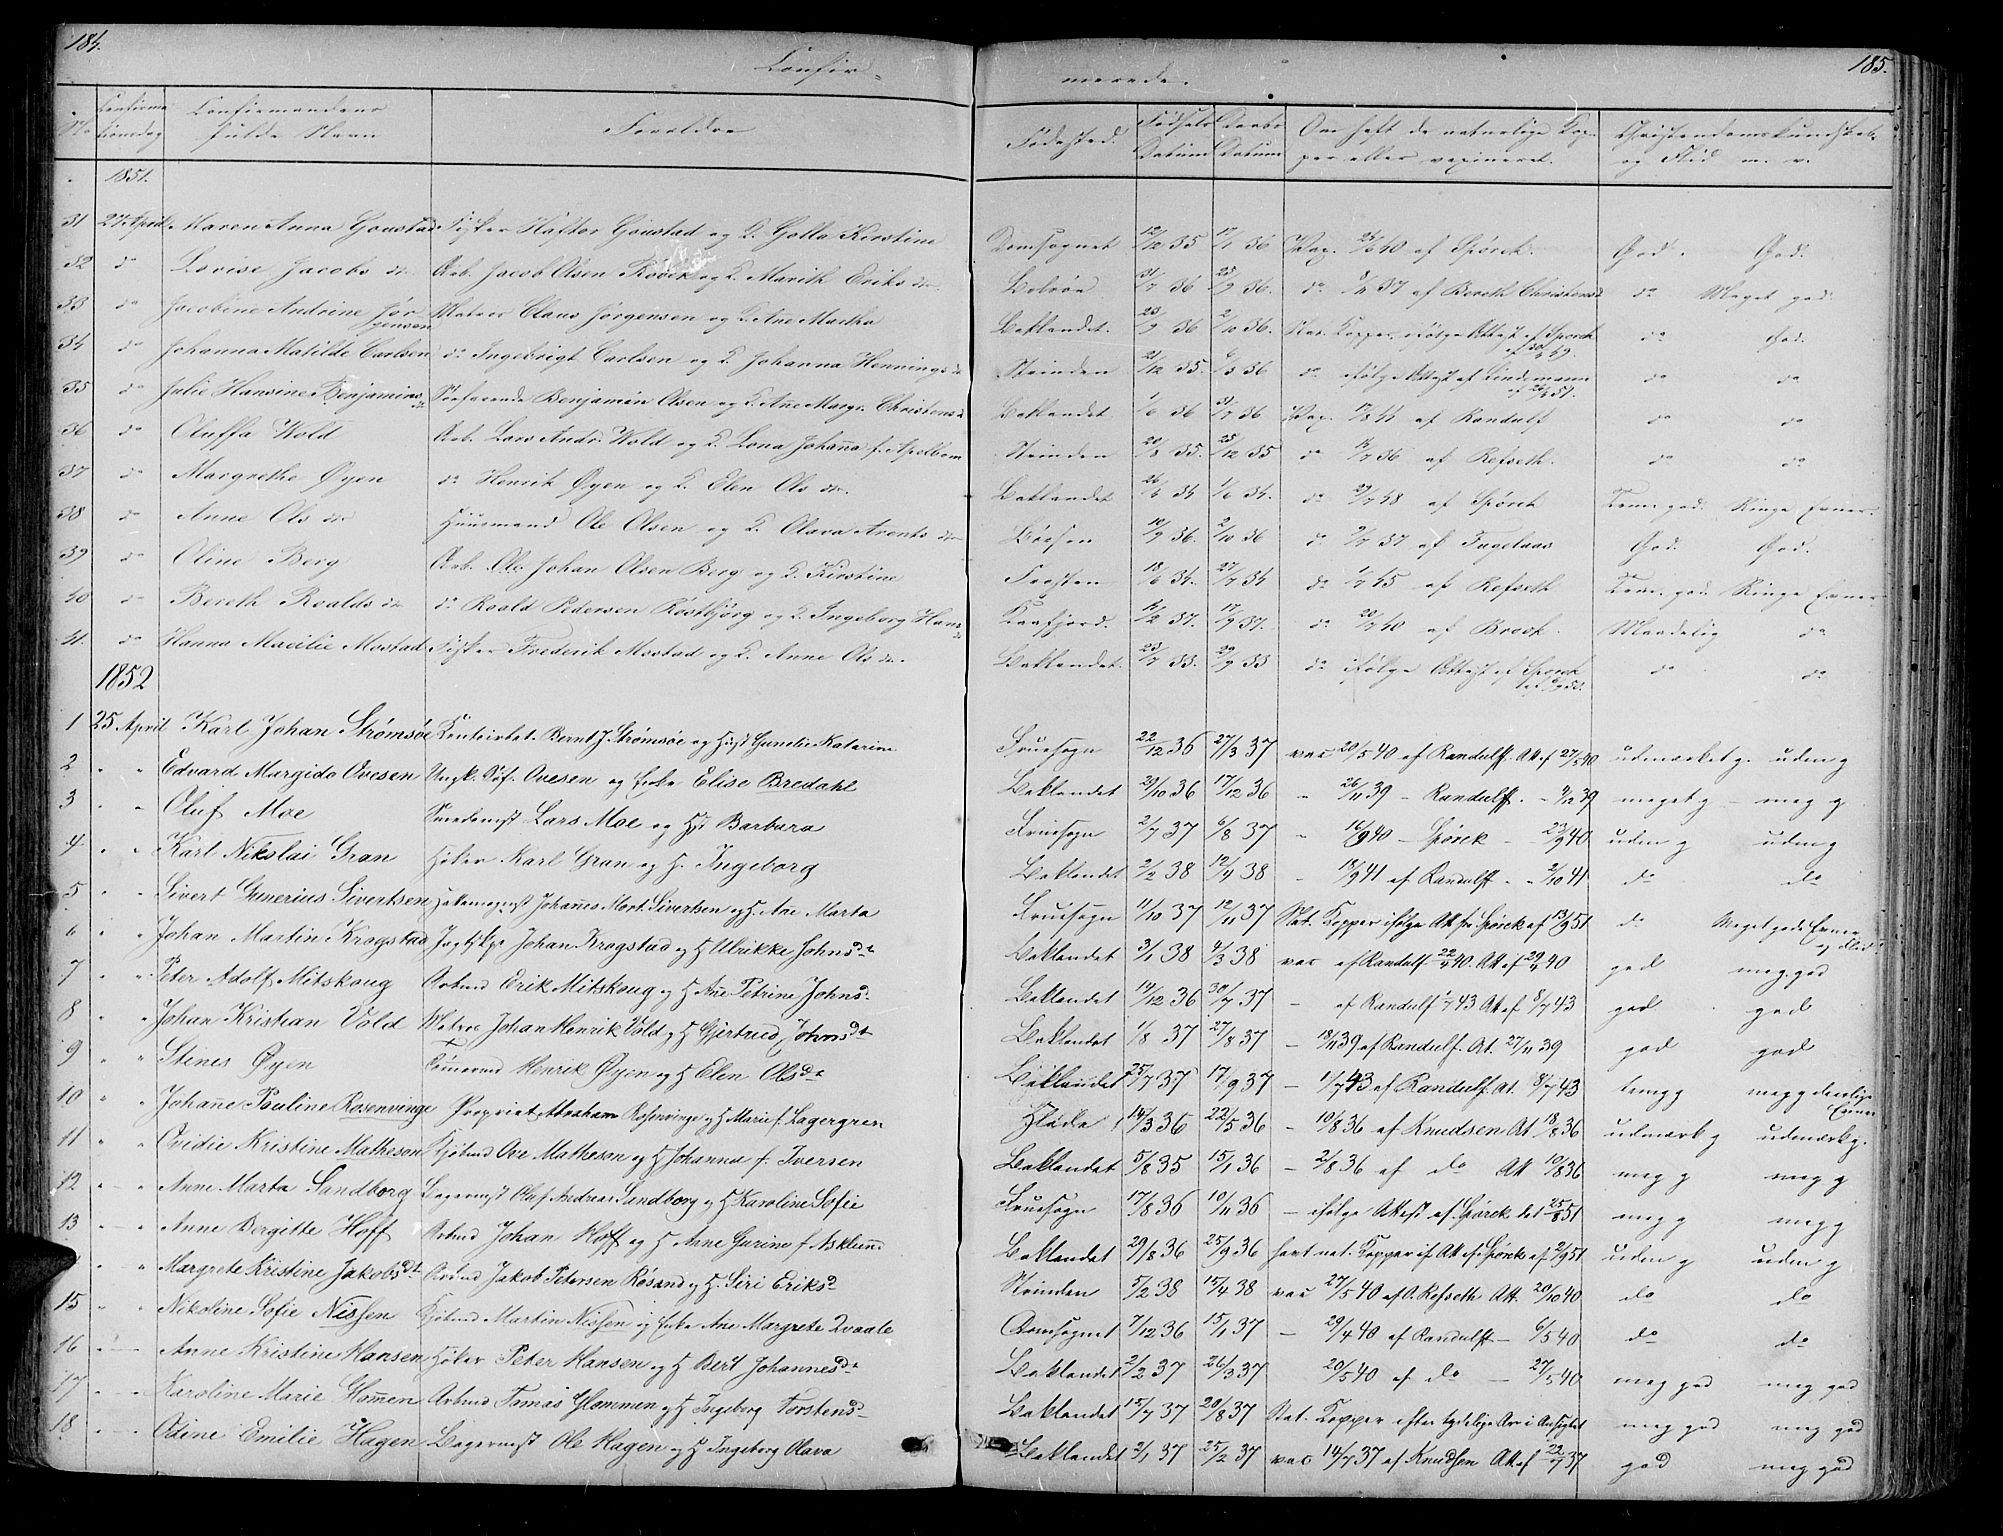 SAT, Ministerialprotokoller, klokkerbøker og fødselsregistre - Sør-Trøndelag, 604/L0219: Klokkerbok nr. 604C02, 1851-1869, s. 184-185